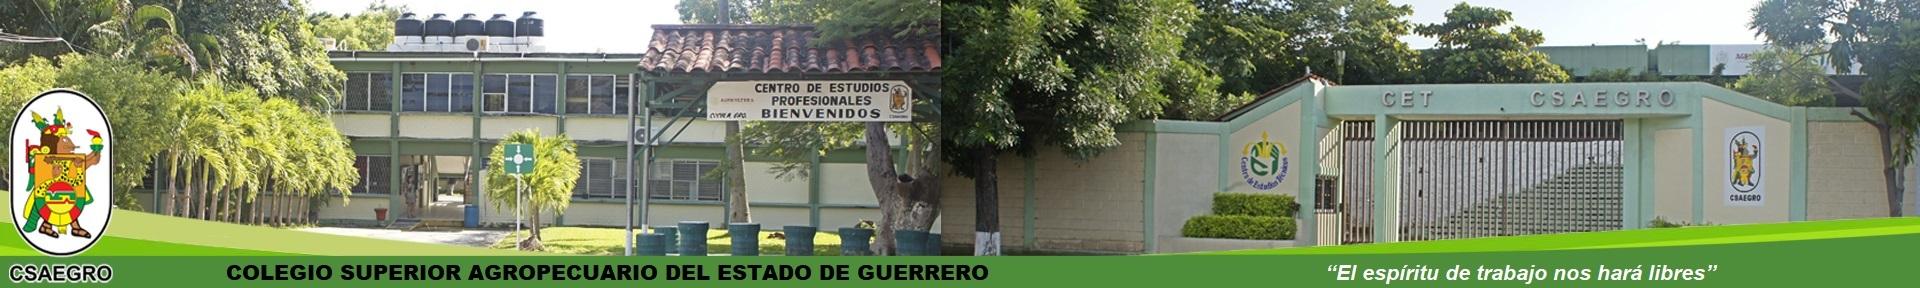 COLEGIO SUPERIOR AGROPECUARIO DEL ESTADO DE GUERRERO